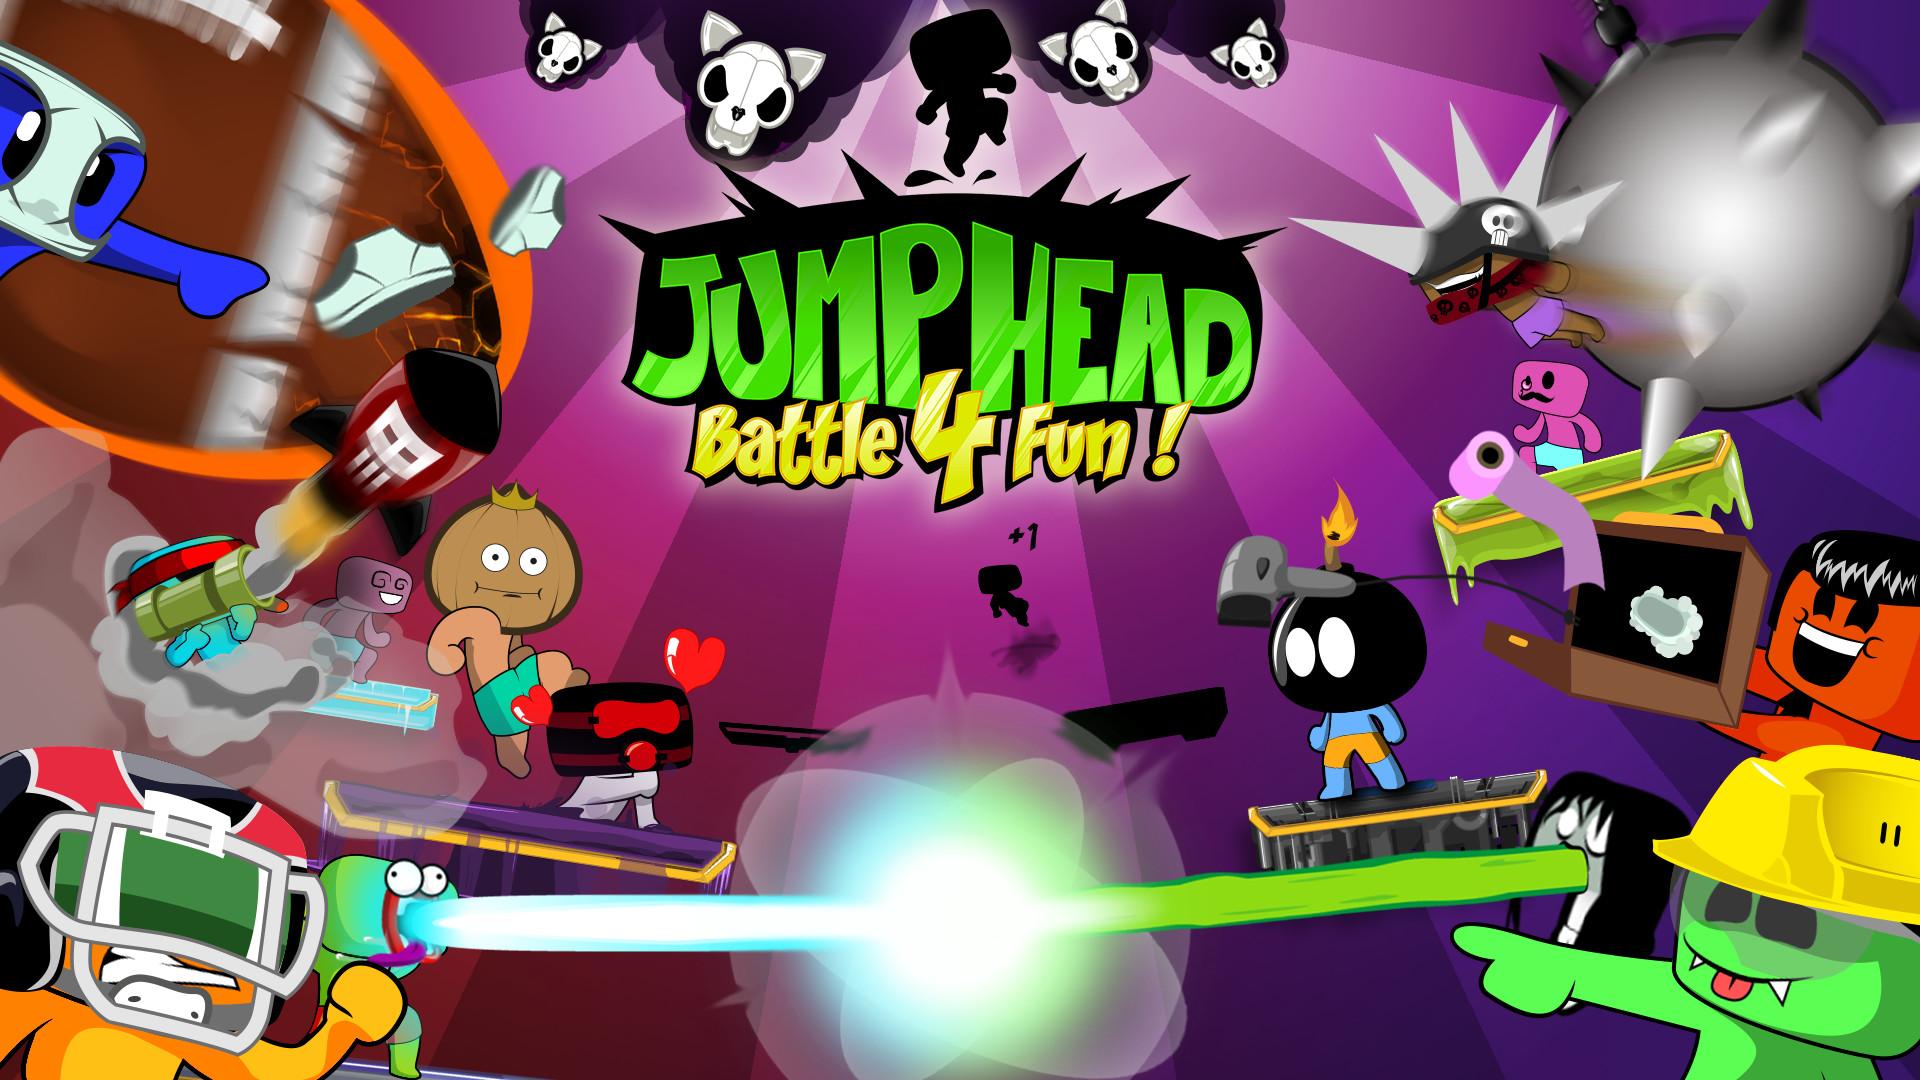 JumpHead Battle4Fun